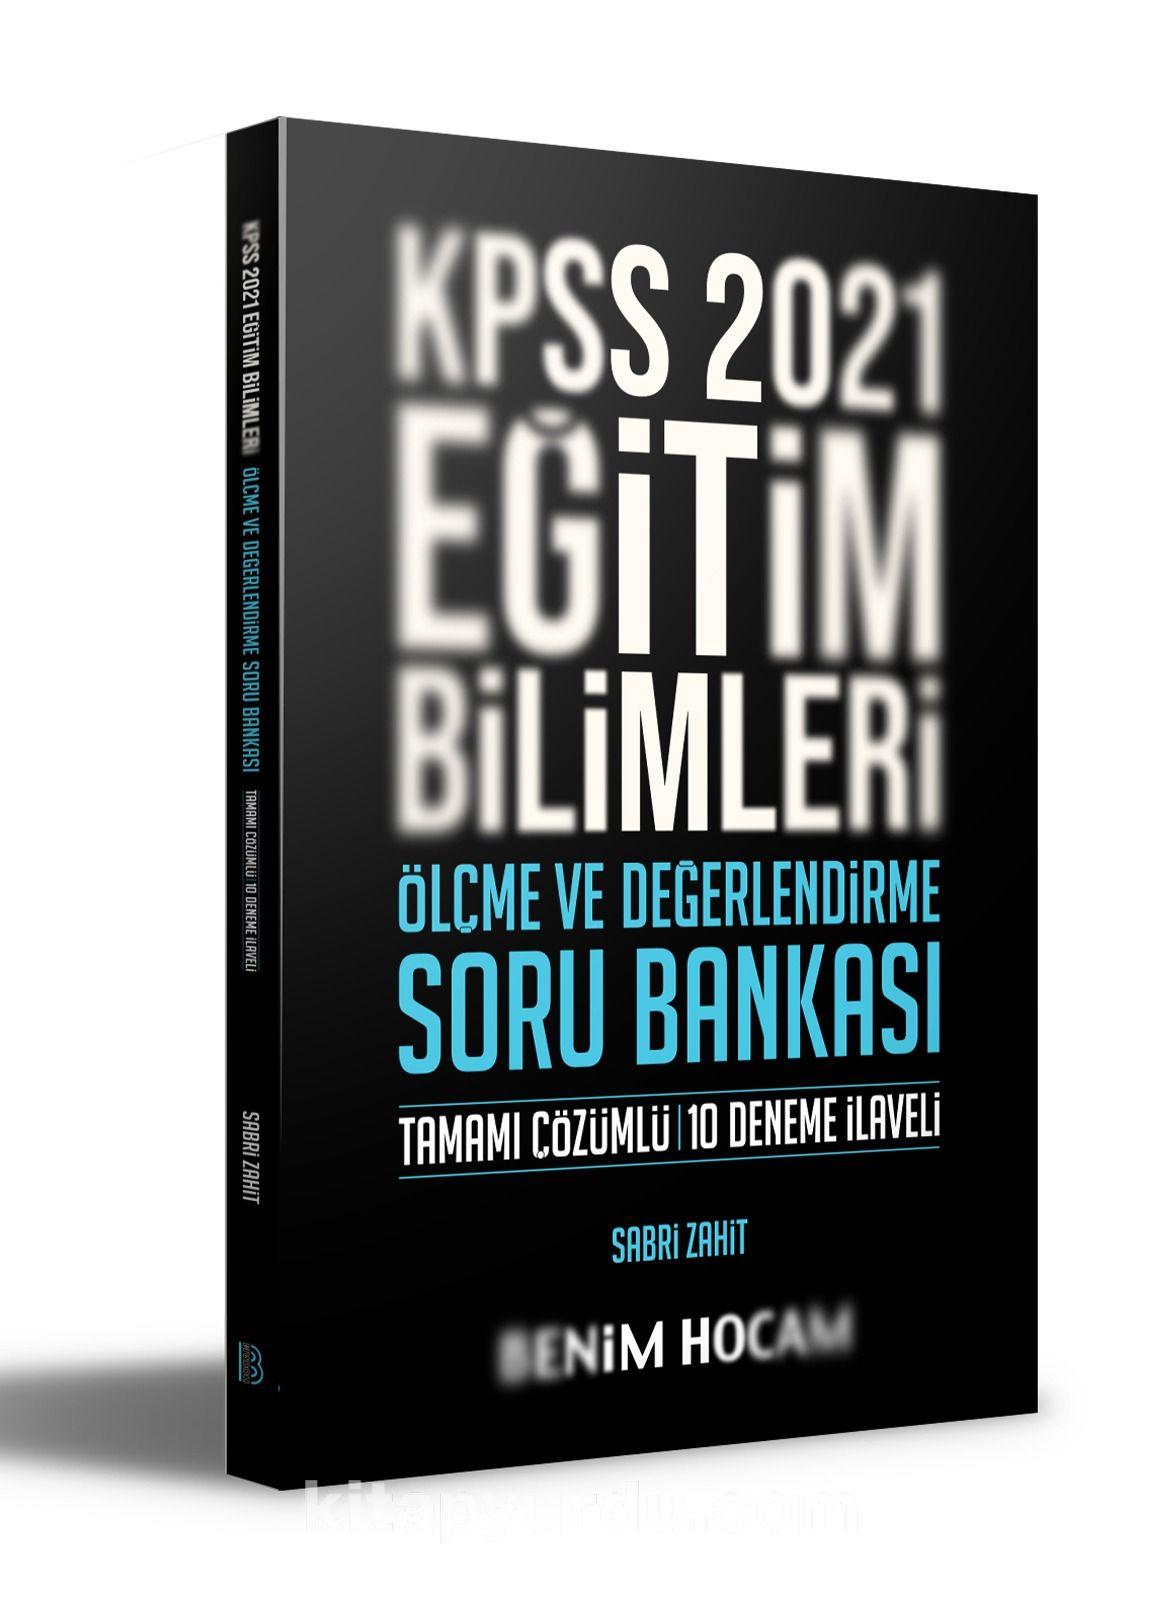 2021 KPSS Eğitim Bilimleri Ölçme ve Değerlendirme Soru Bankası PDF Kitap İndir